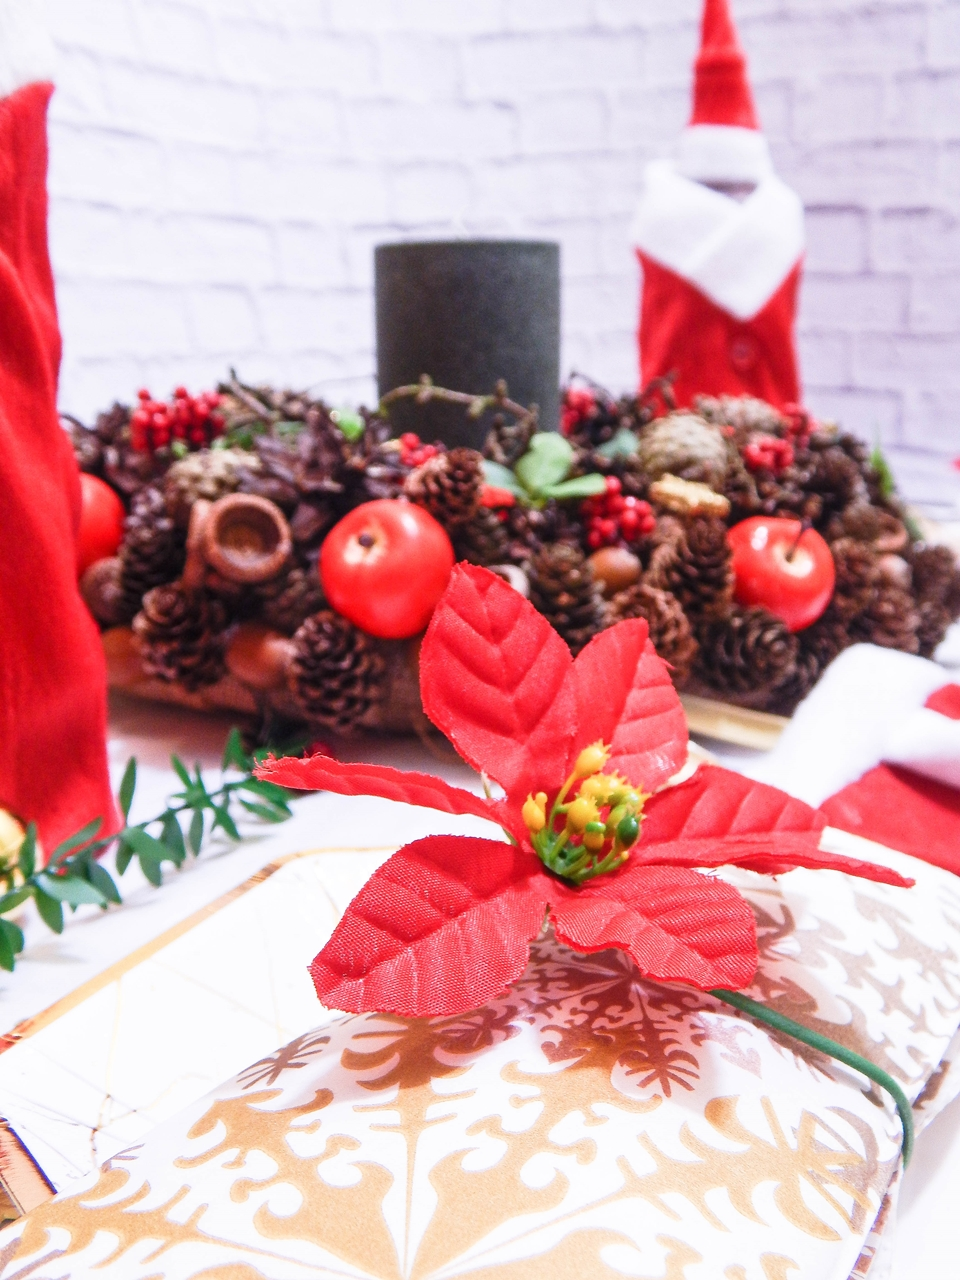 9 dekoracja świątecznego stołu jak udekorować stół na boże narodzenie dekoracja kolacja wigilijna dekoracja stroik na stół wigilijny wianek świeczka mikołajowe ubrania na butelki mikołaje na sztućce